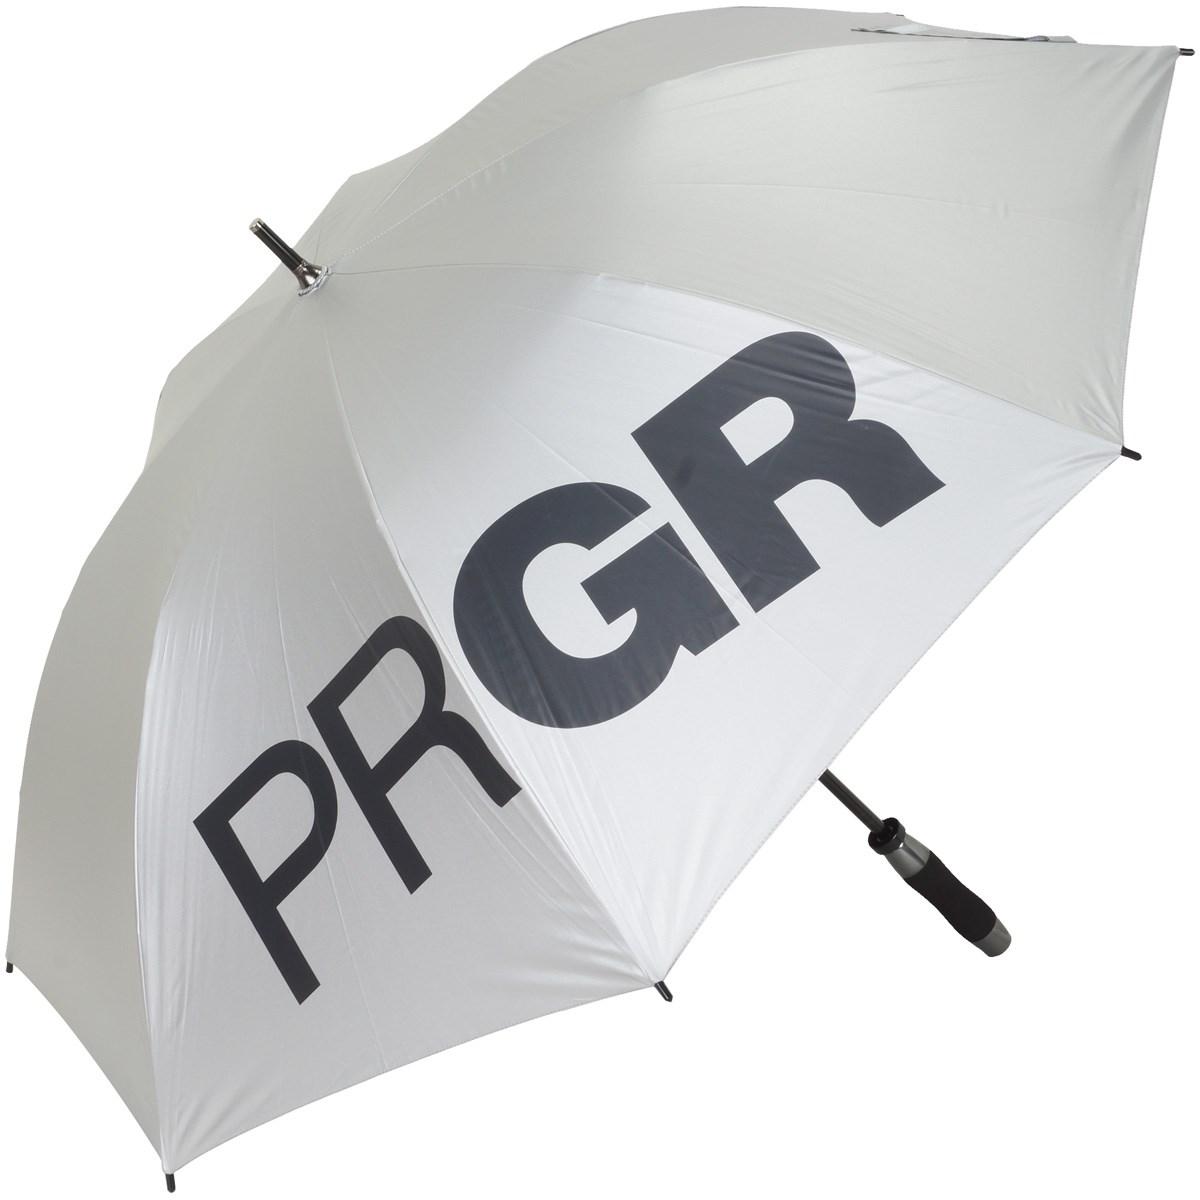 プロギア PRGR 傘 表:シルバー/裏:ブラック